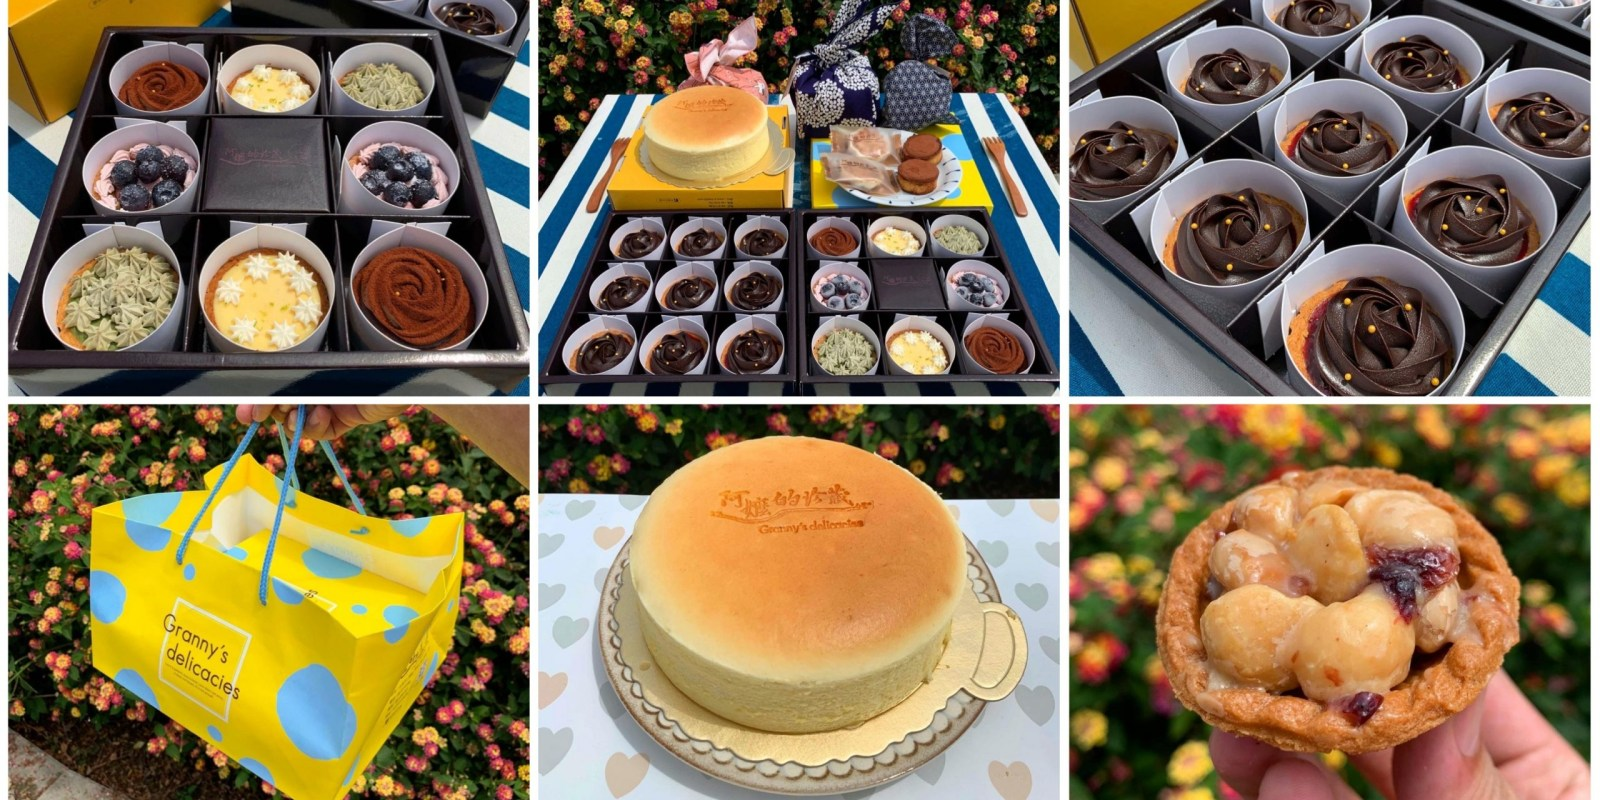 [台南美食] 阿嬤的珍藏 - 以招牌小塔出名的台南知名宅配美食